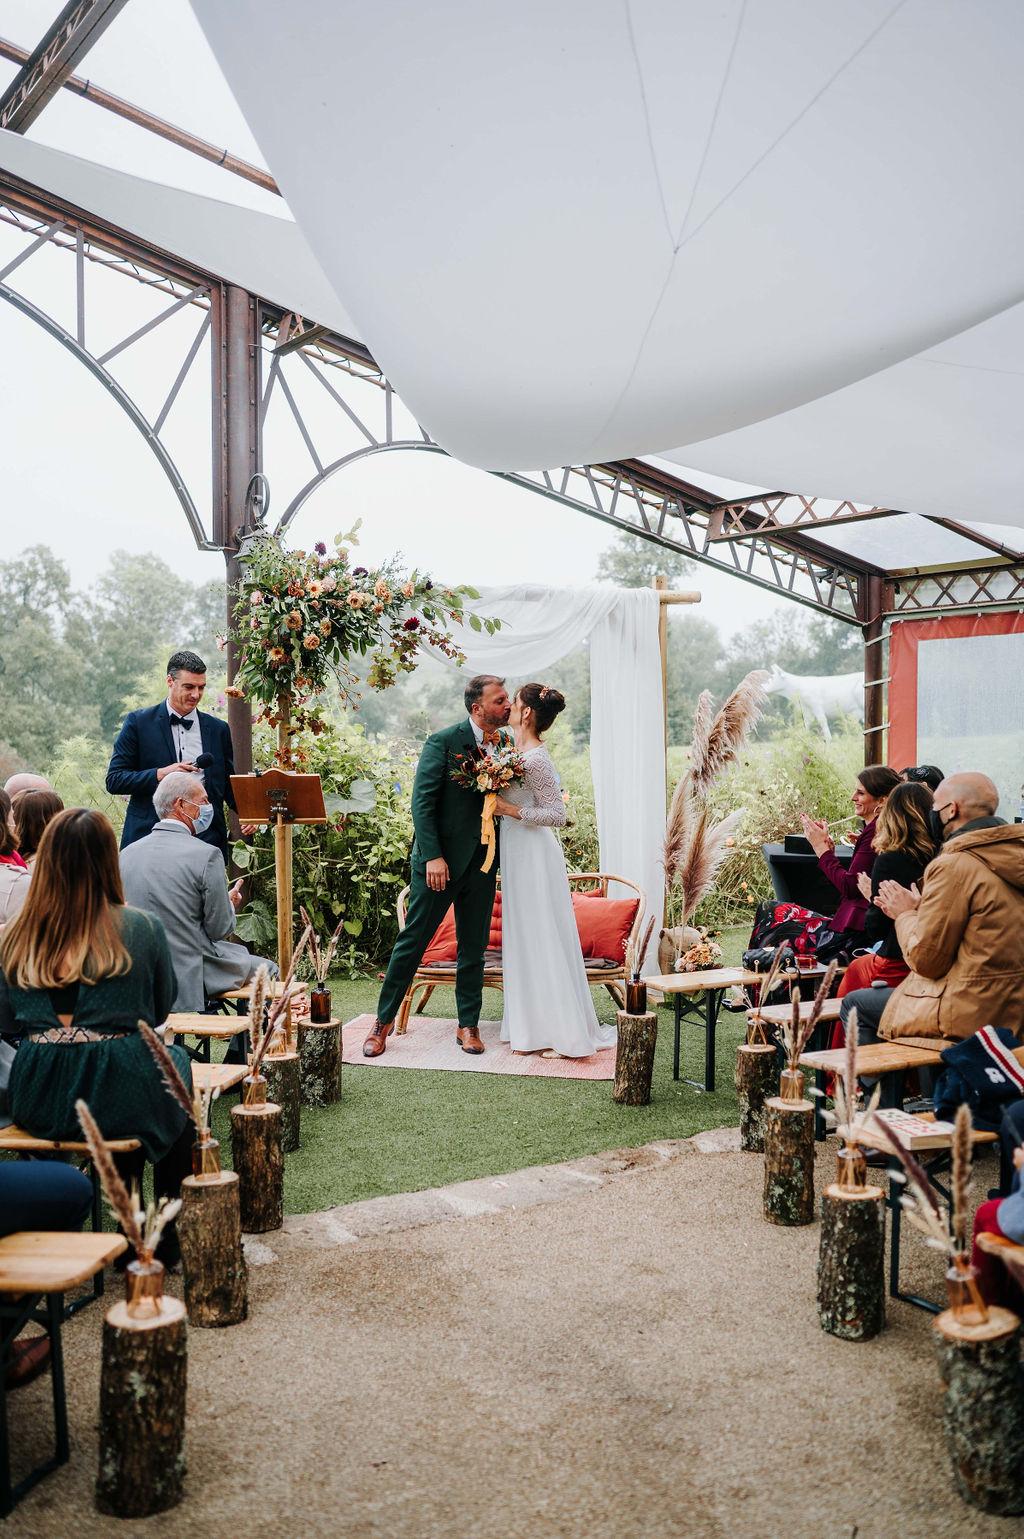 ceremonie laique vendee Mariage couleurs automne automnal